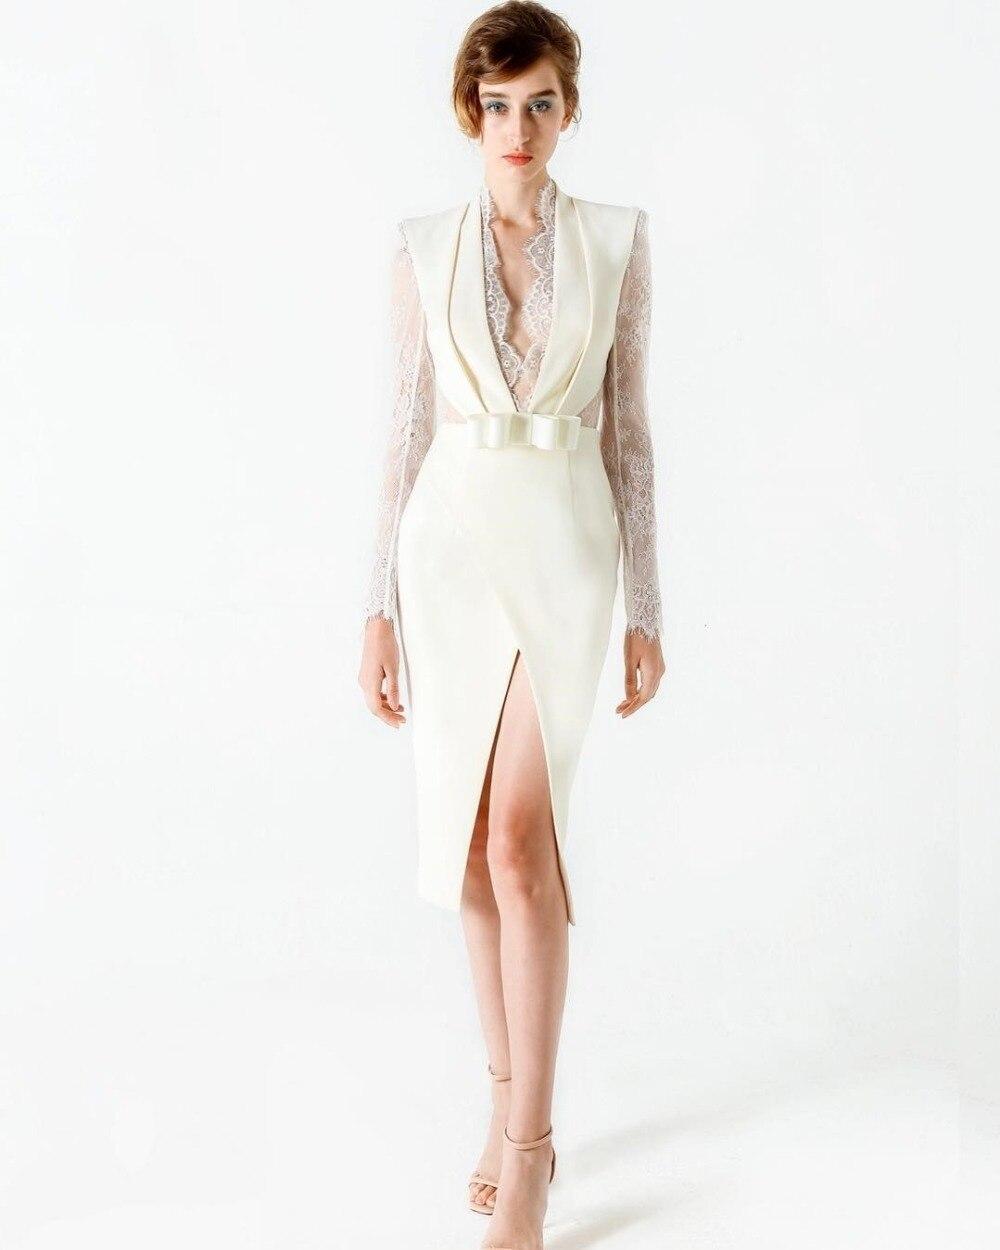 2018 nouvelle mode sexy femmes robe blanc dentelle fourche ouverte moulante rayonne élégant échantillon célébrité robe de soirée